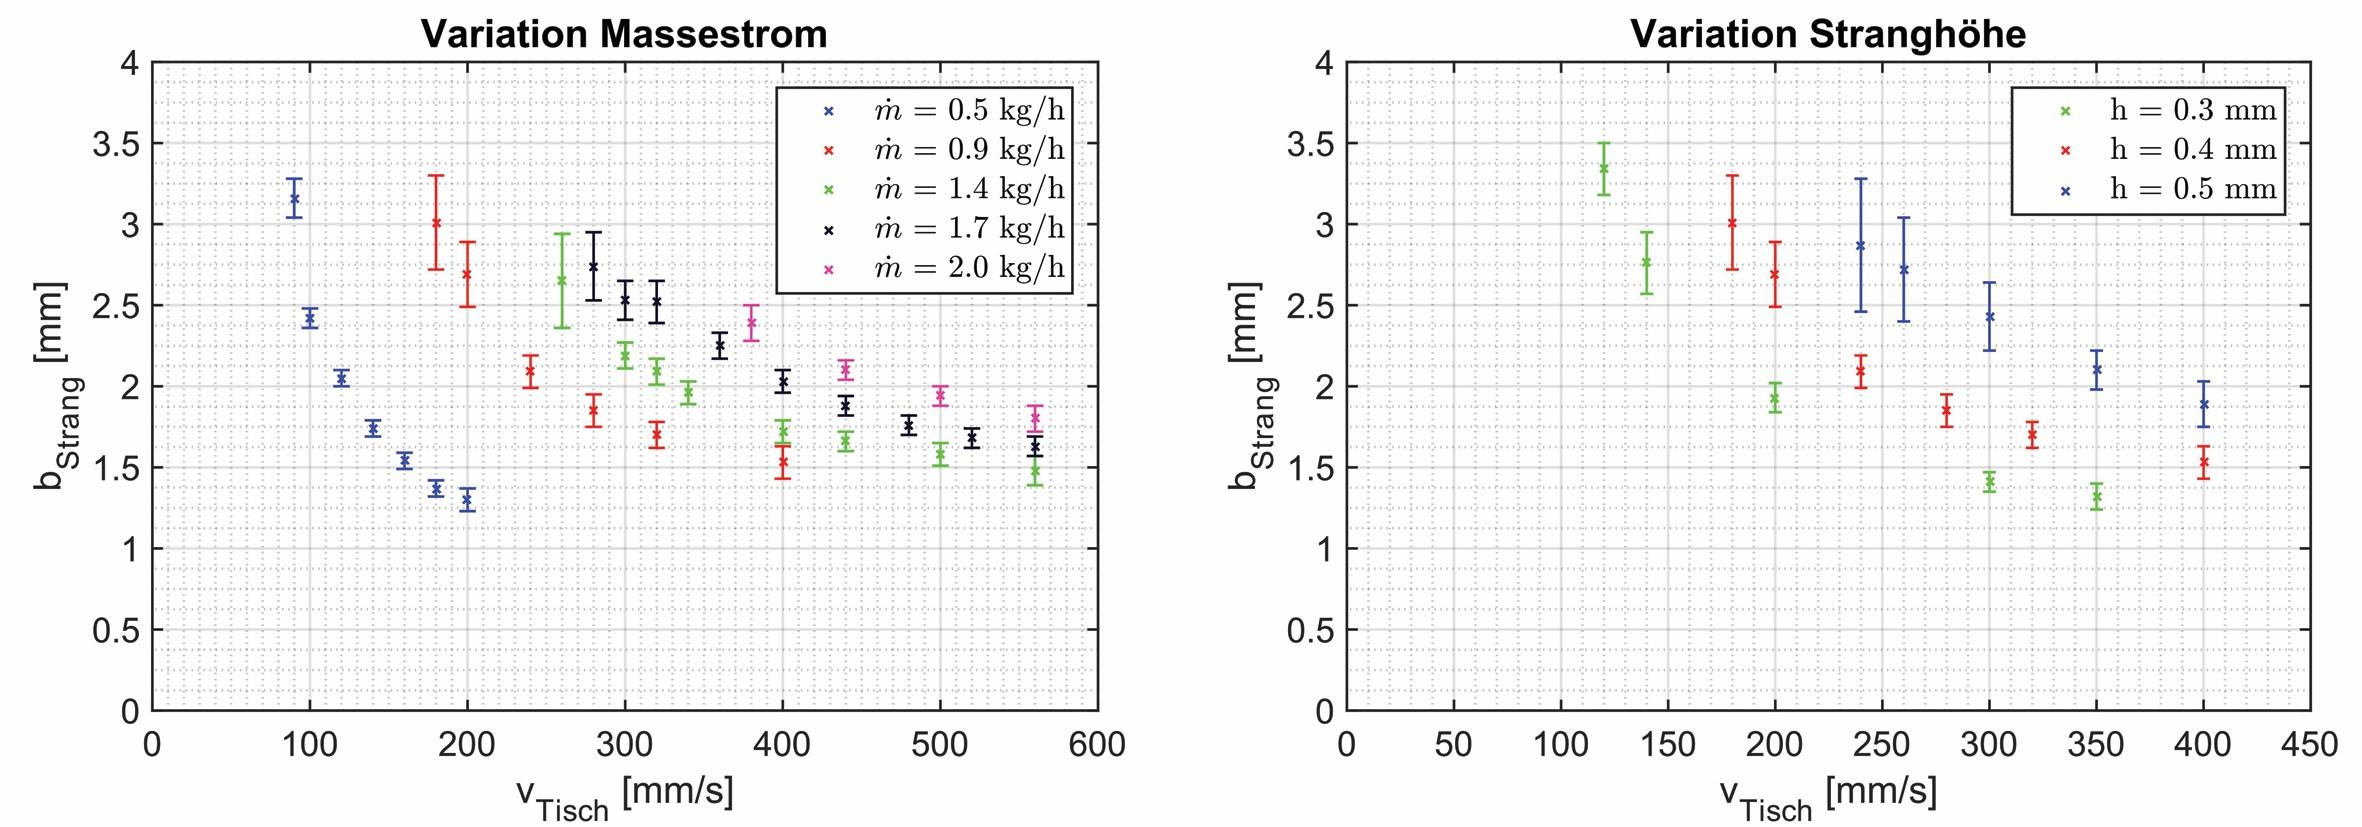 Bild 3 Parameterabhängigkeit der Prozessgrenzen bei Variation des Massestroms (links) und der Stranghöhe (rechts). Bild: Fraunhofer IWU